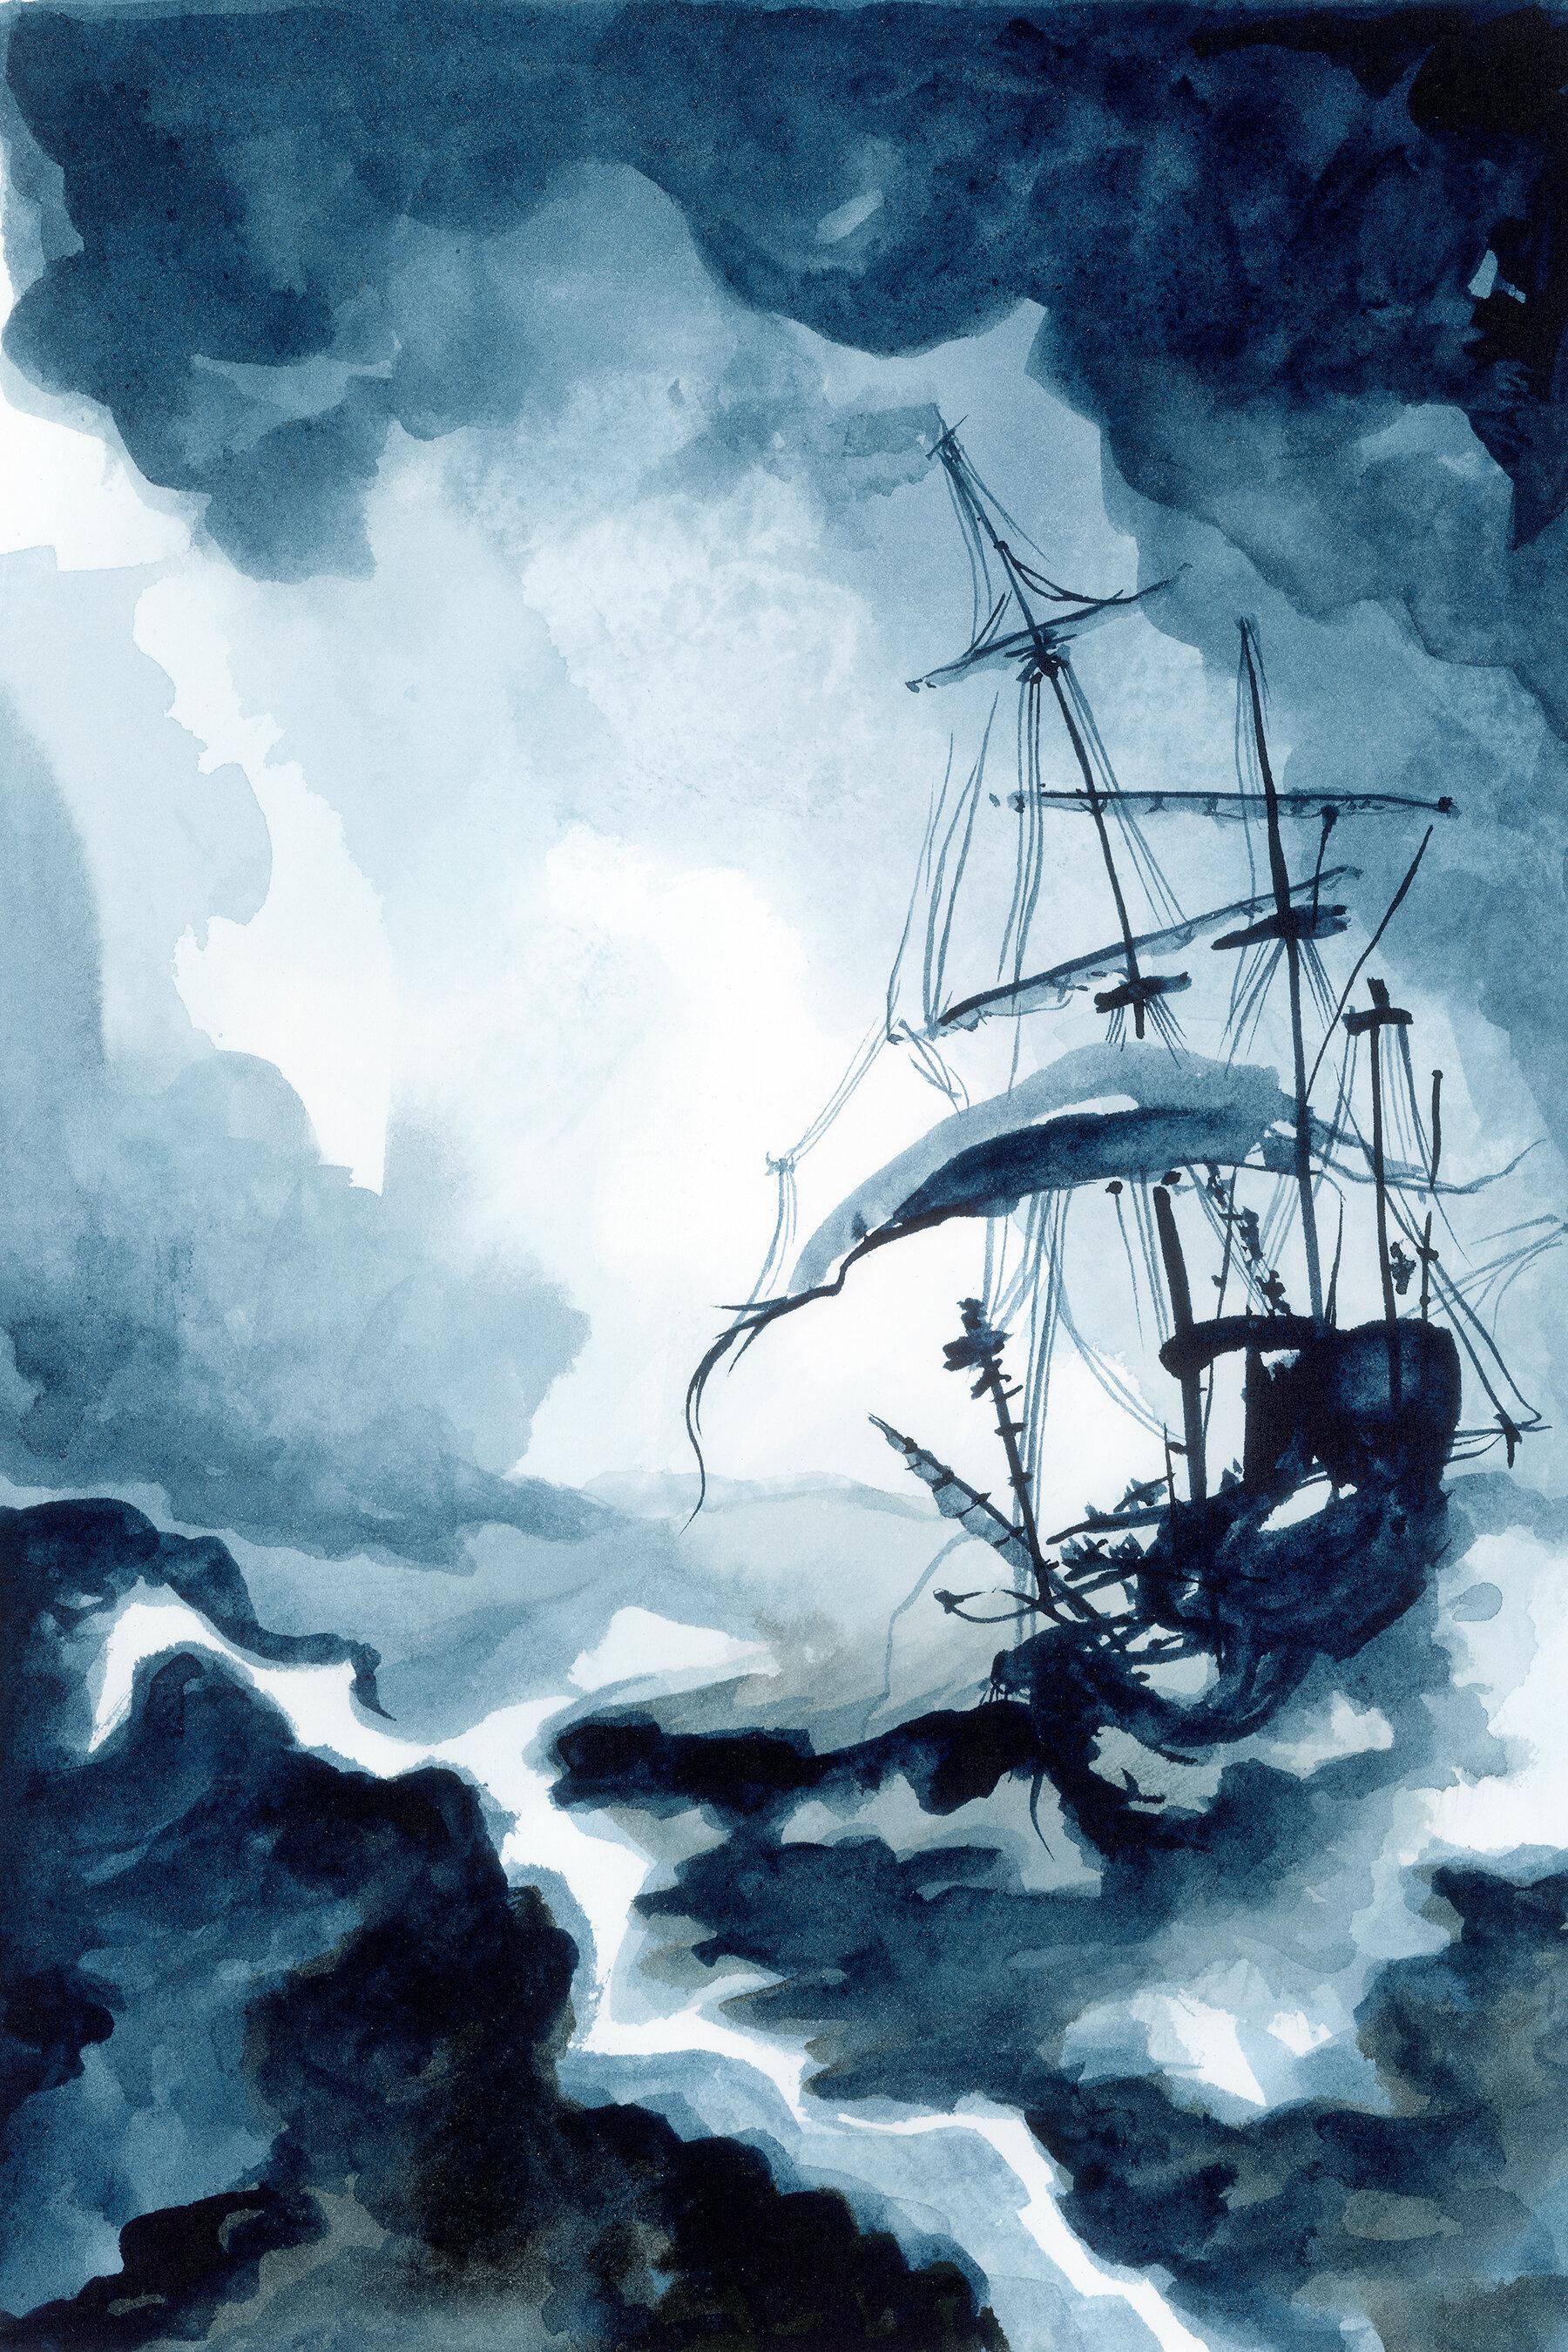 ship-at-sea-crop.jpg